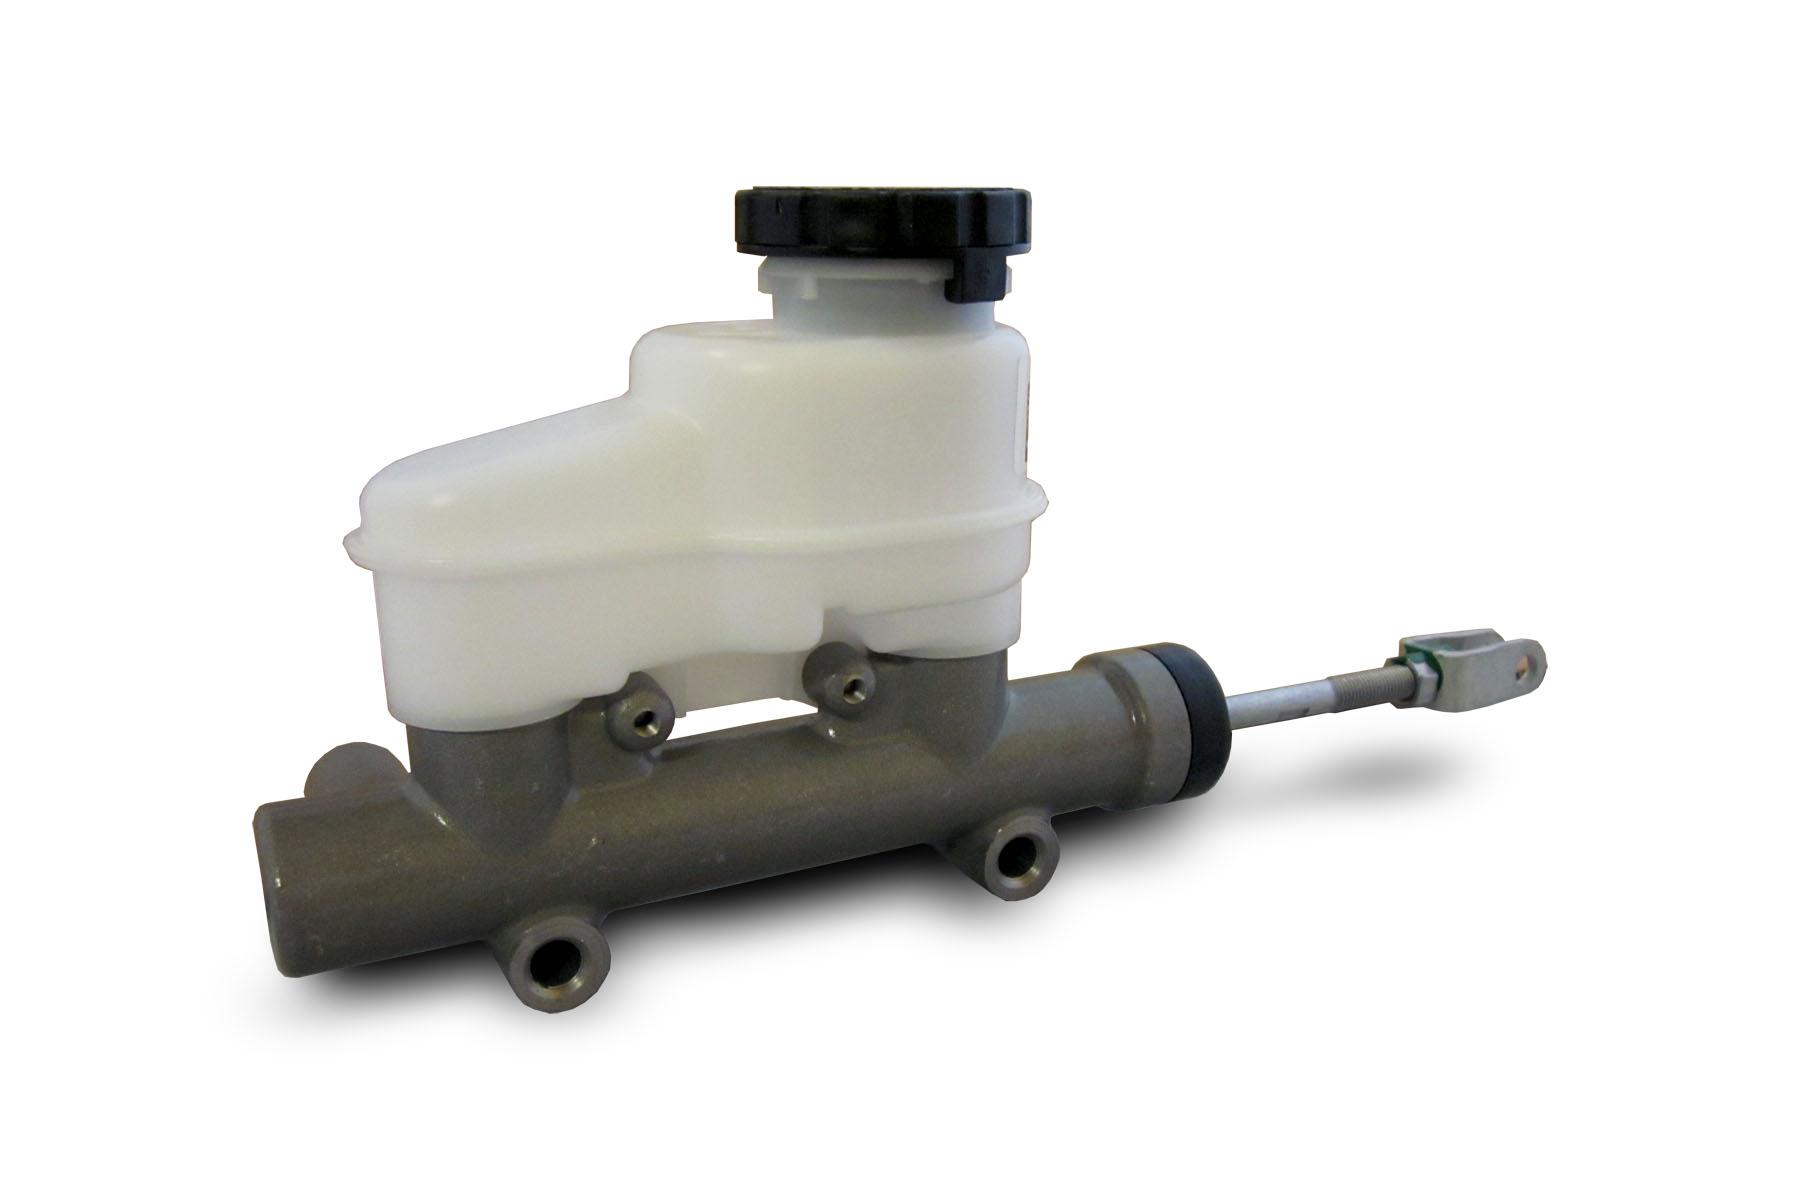 rzr 900 master cylinder